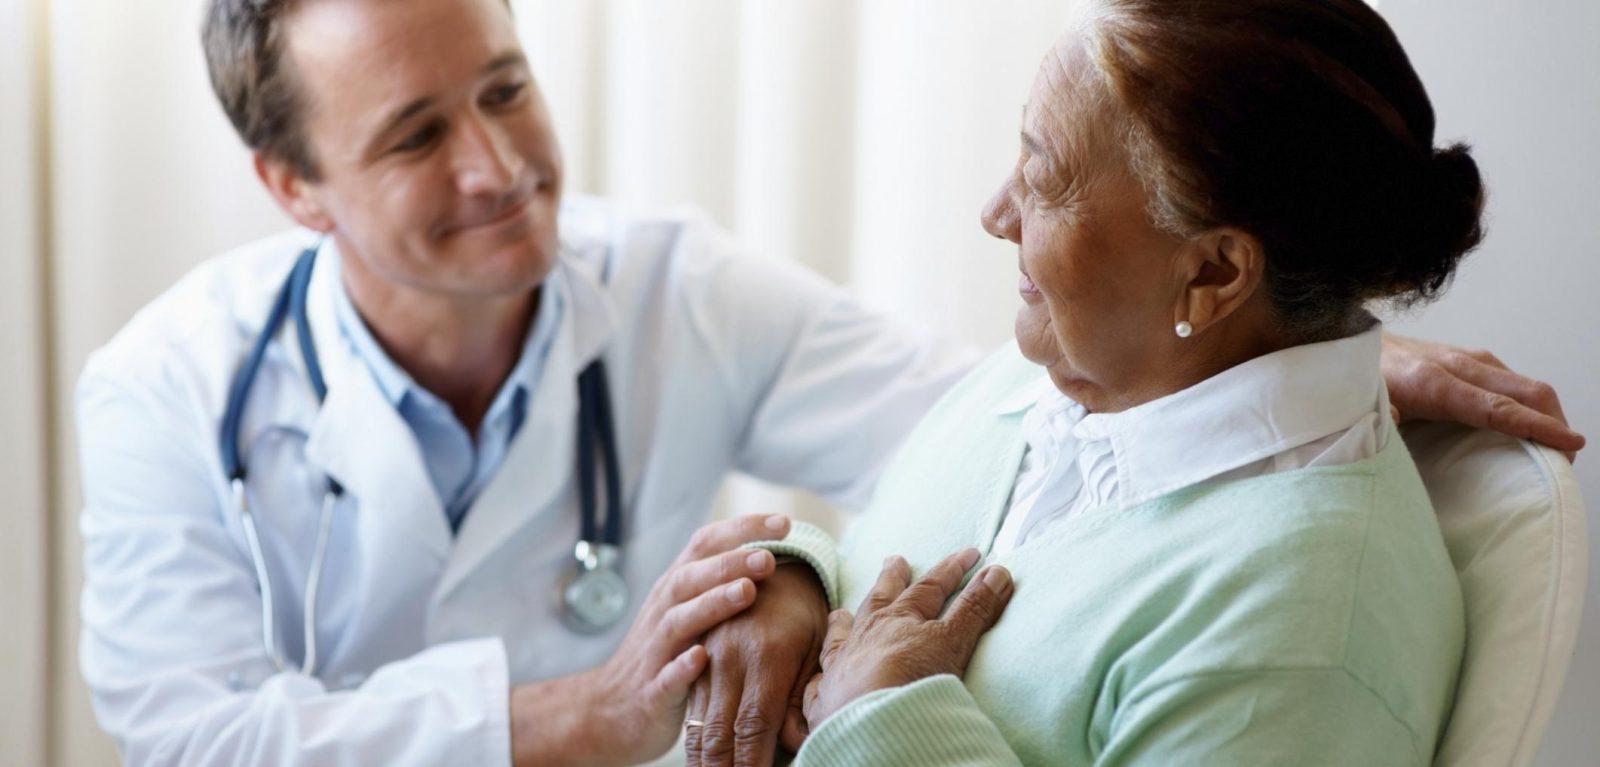 Тем, кто страдает от артритных болей: советы, которые помогут Вам обрести облегчение